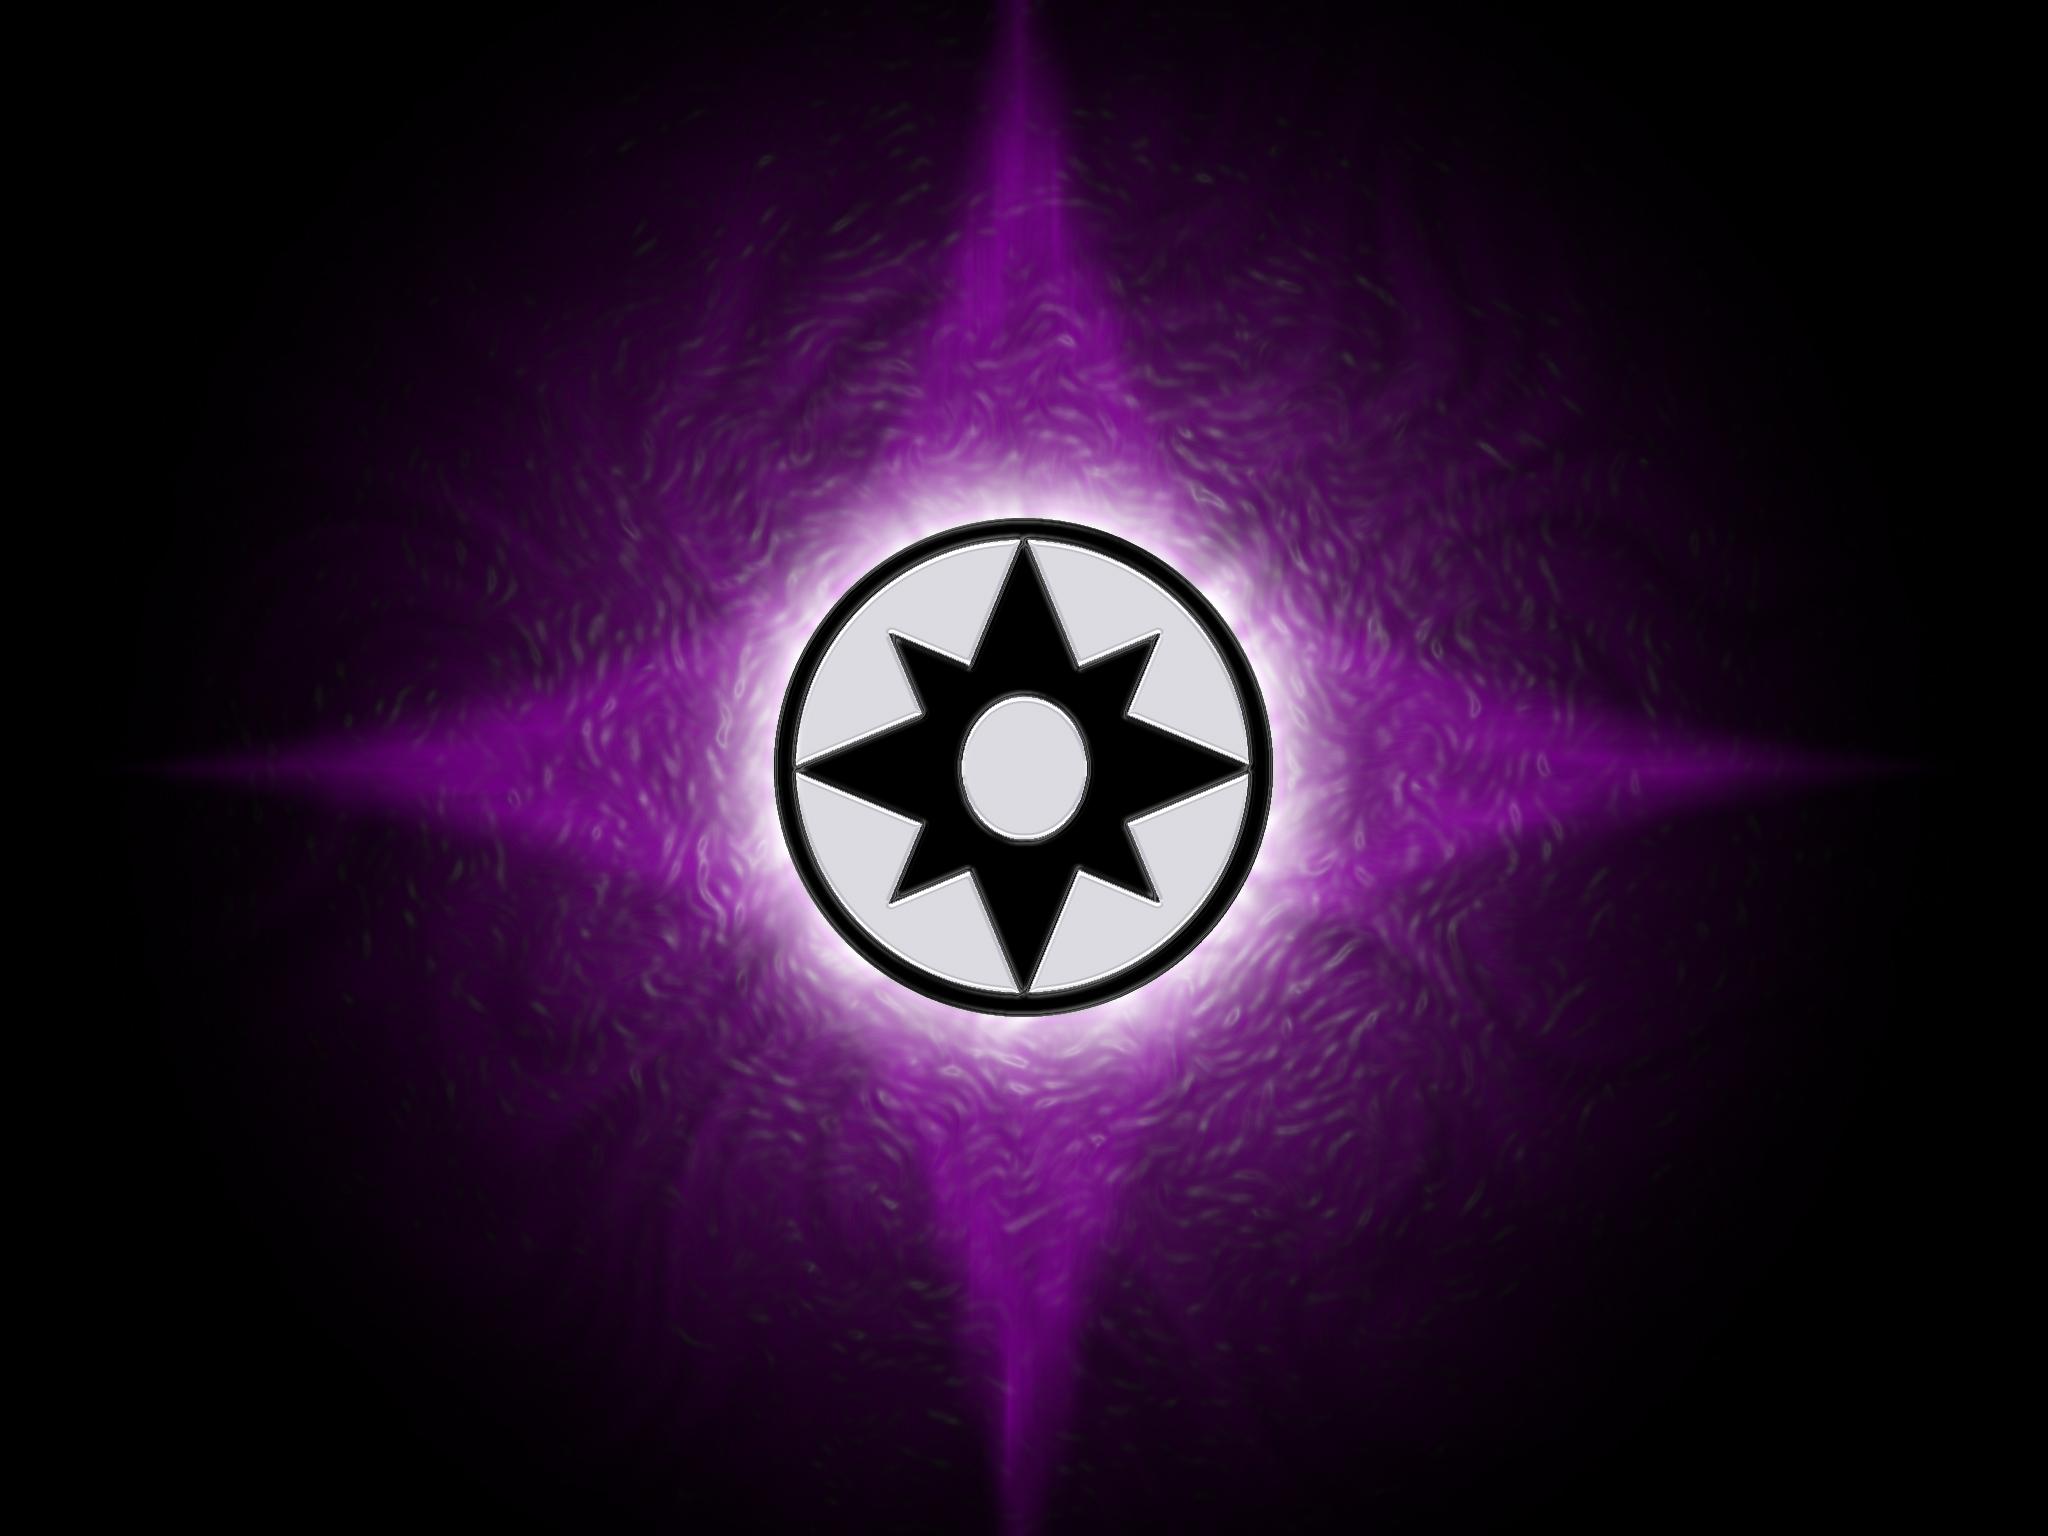 Violet lantern corps  by veraukoion